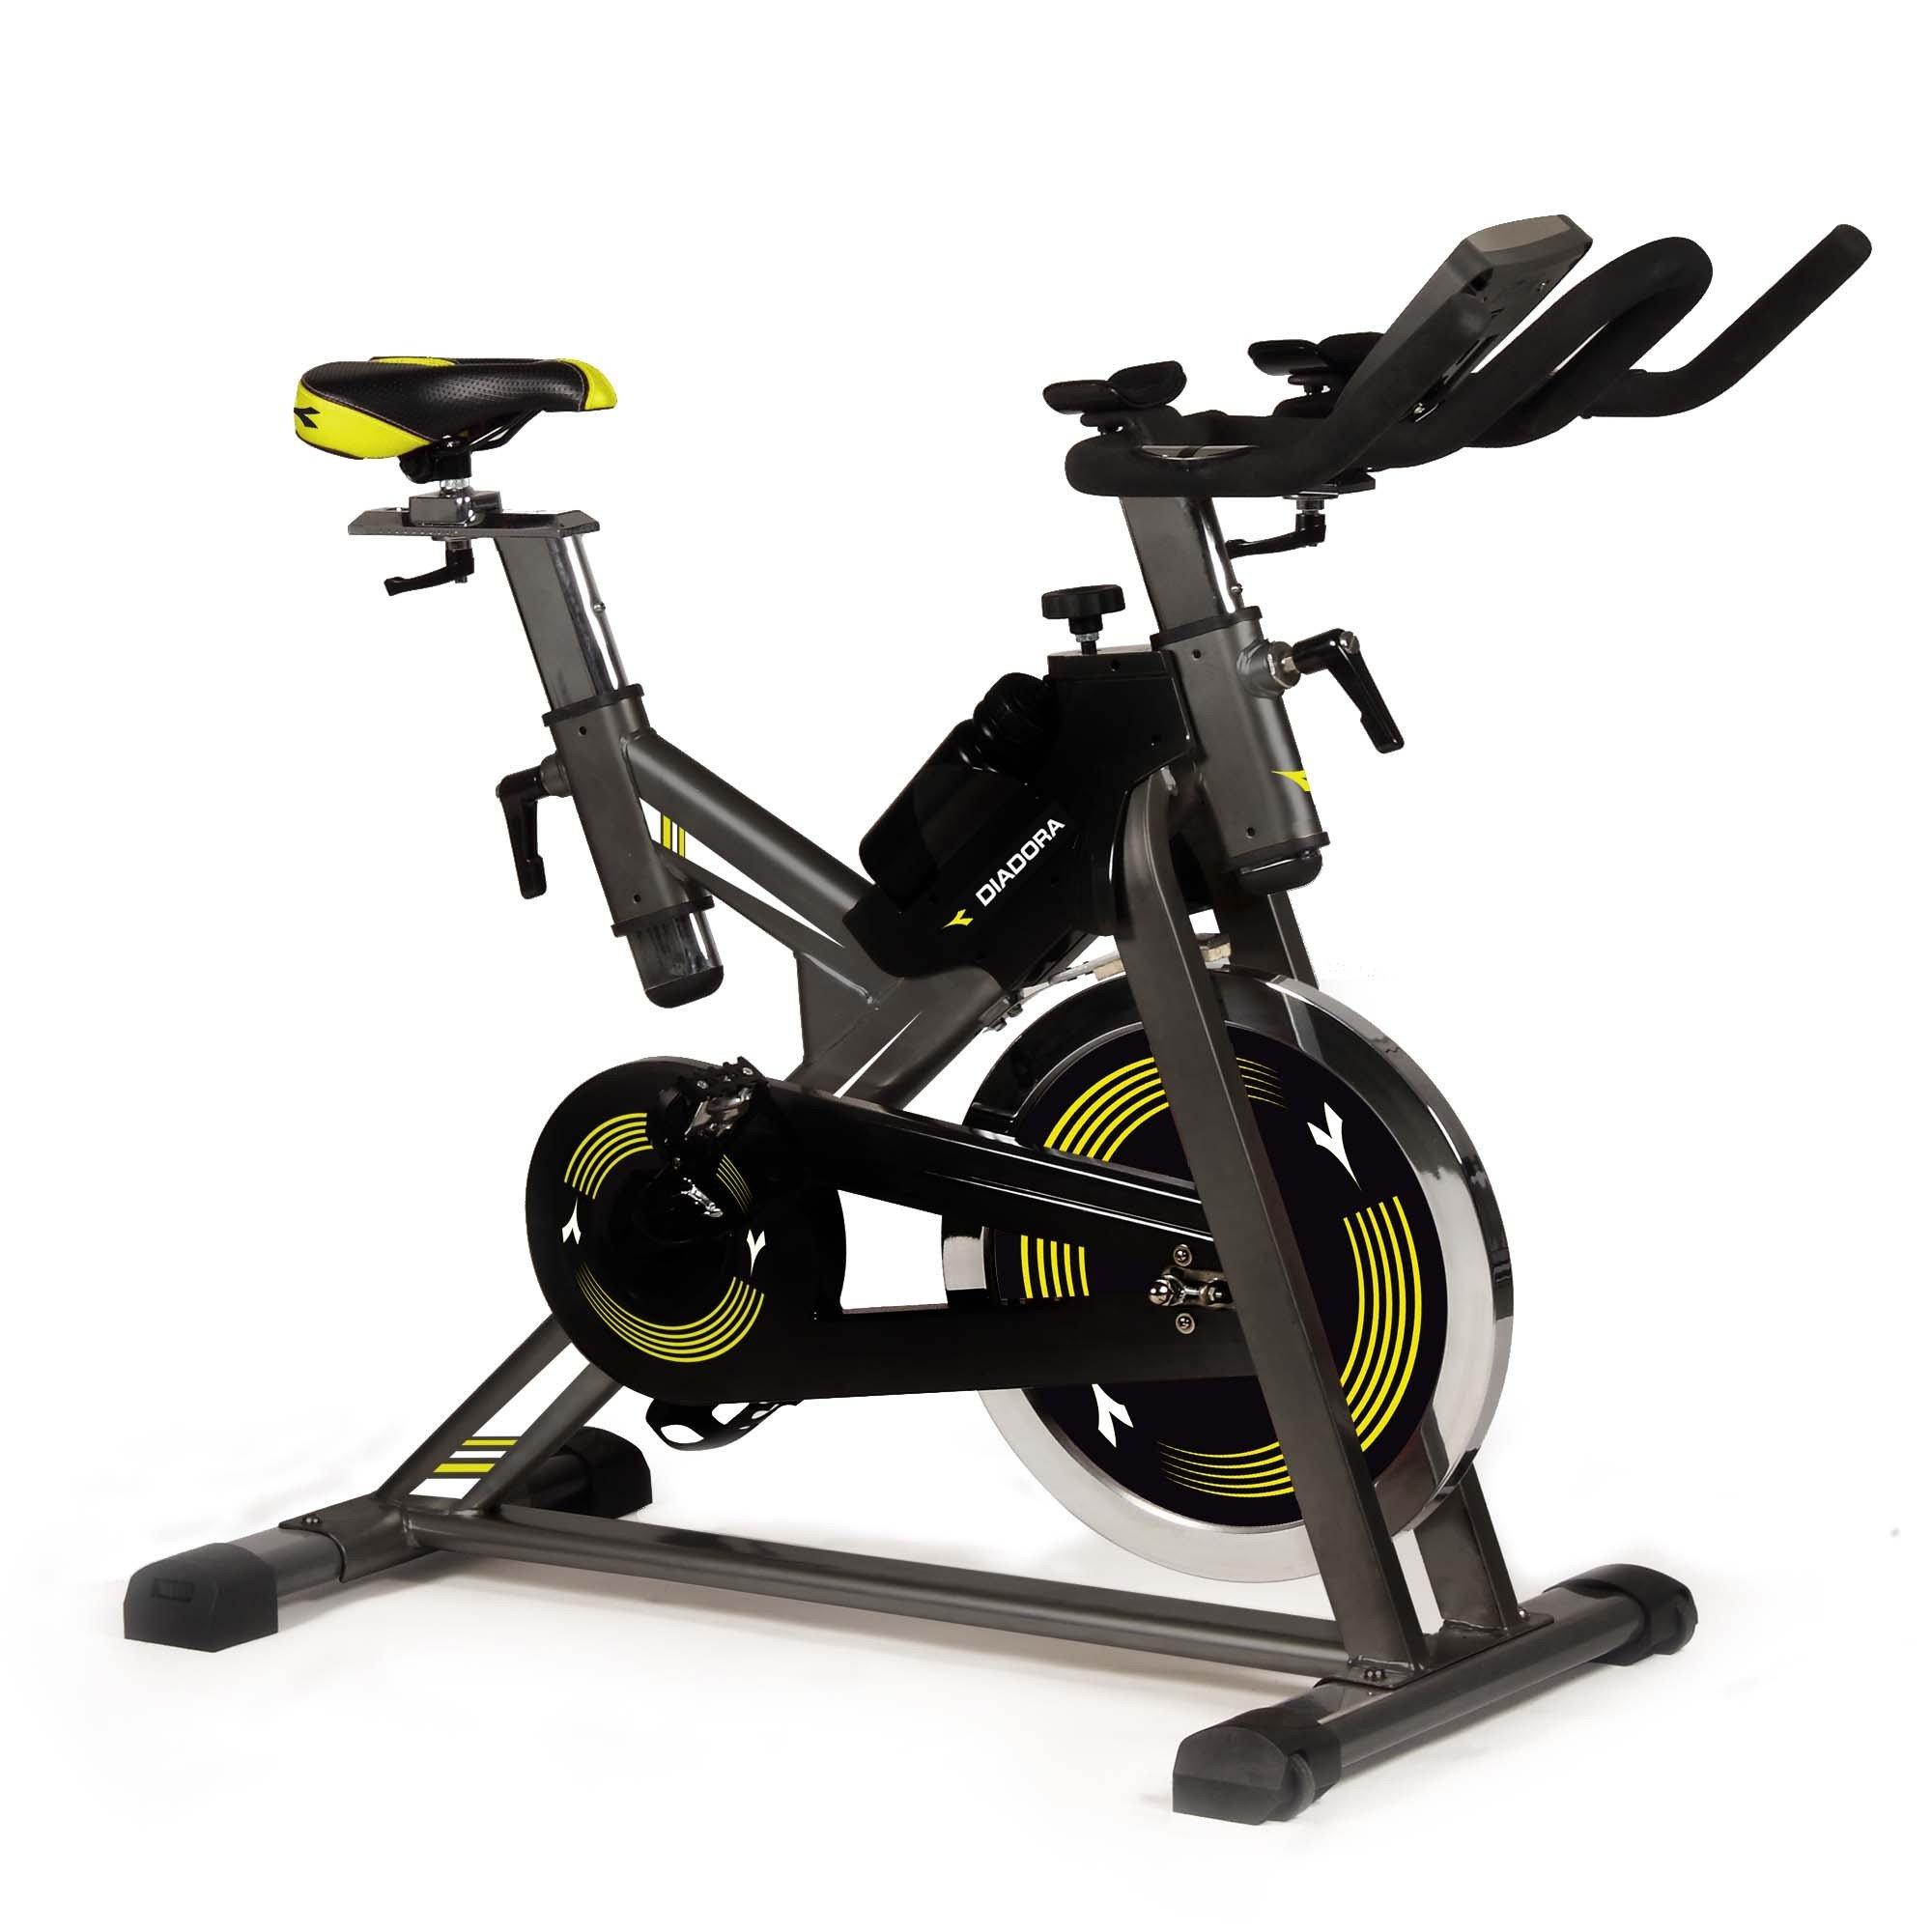 Bici Spinning Diadora